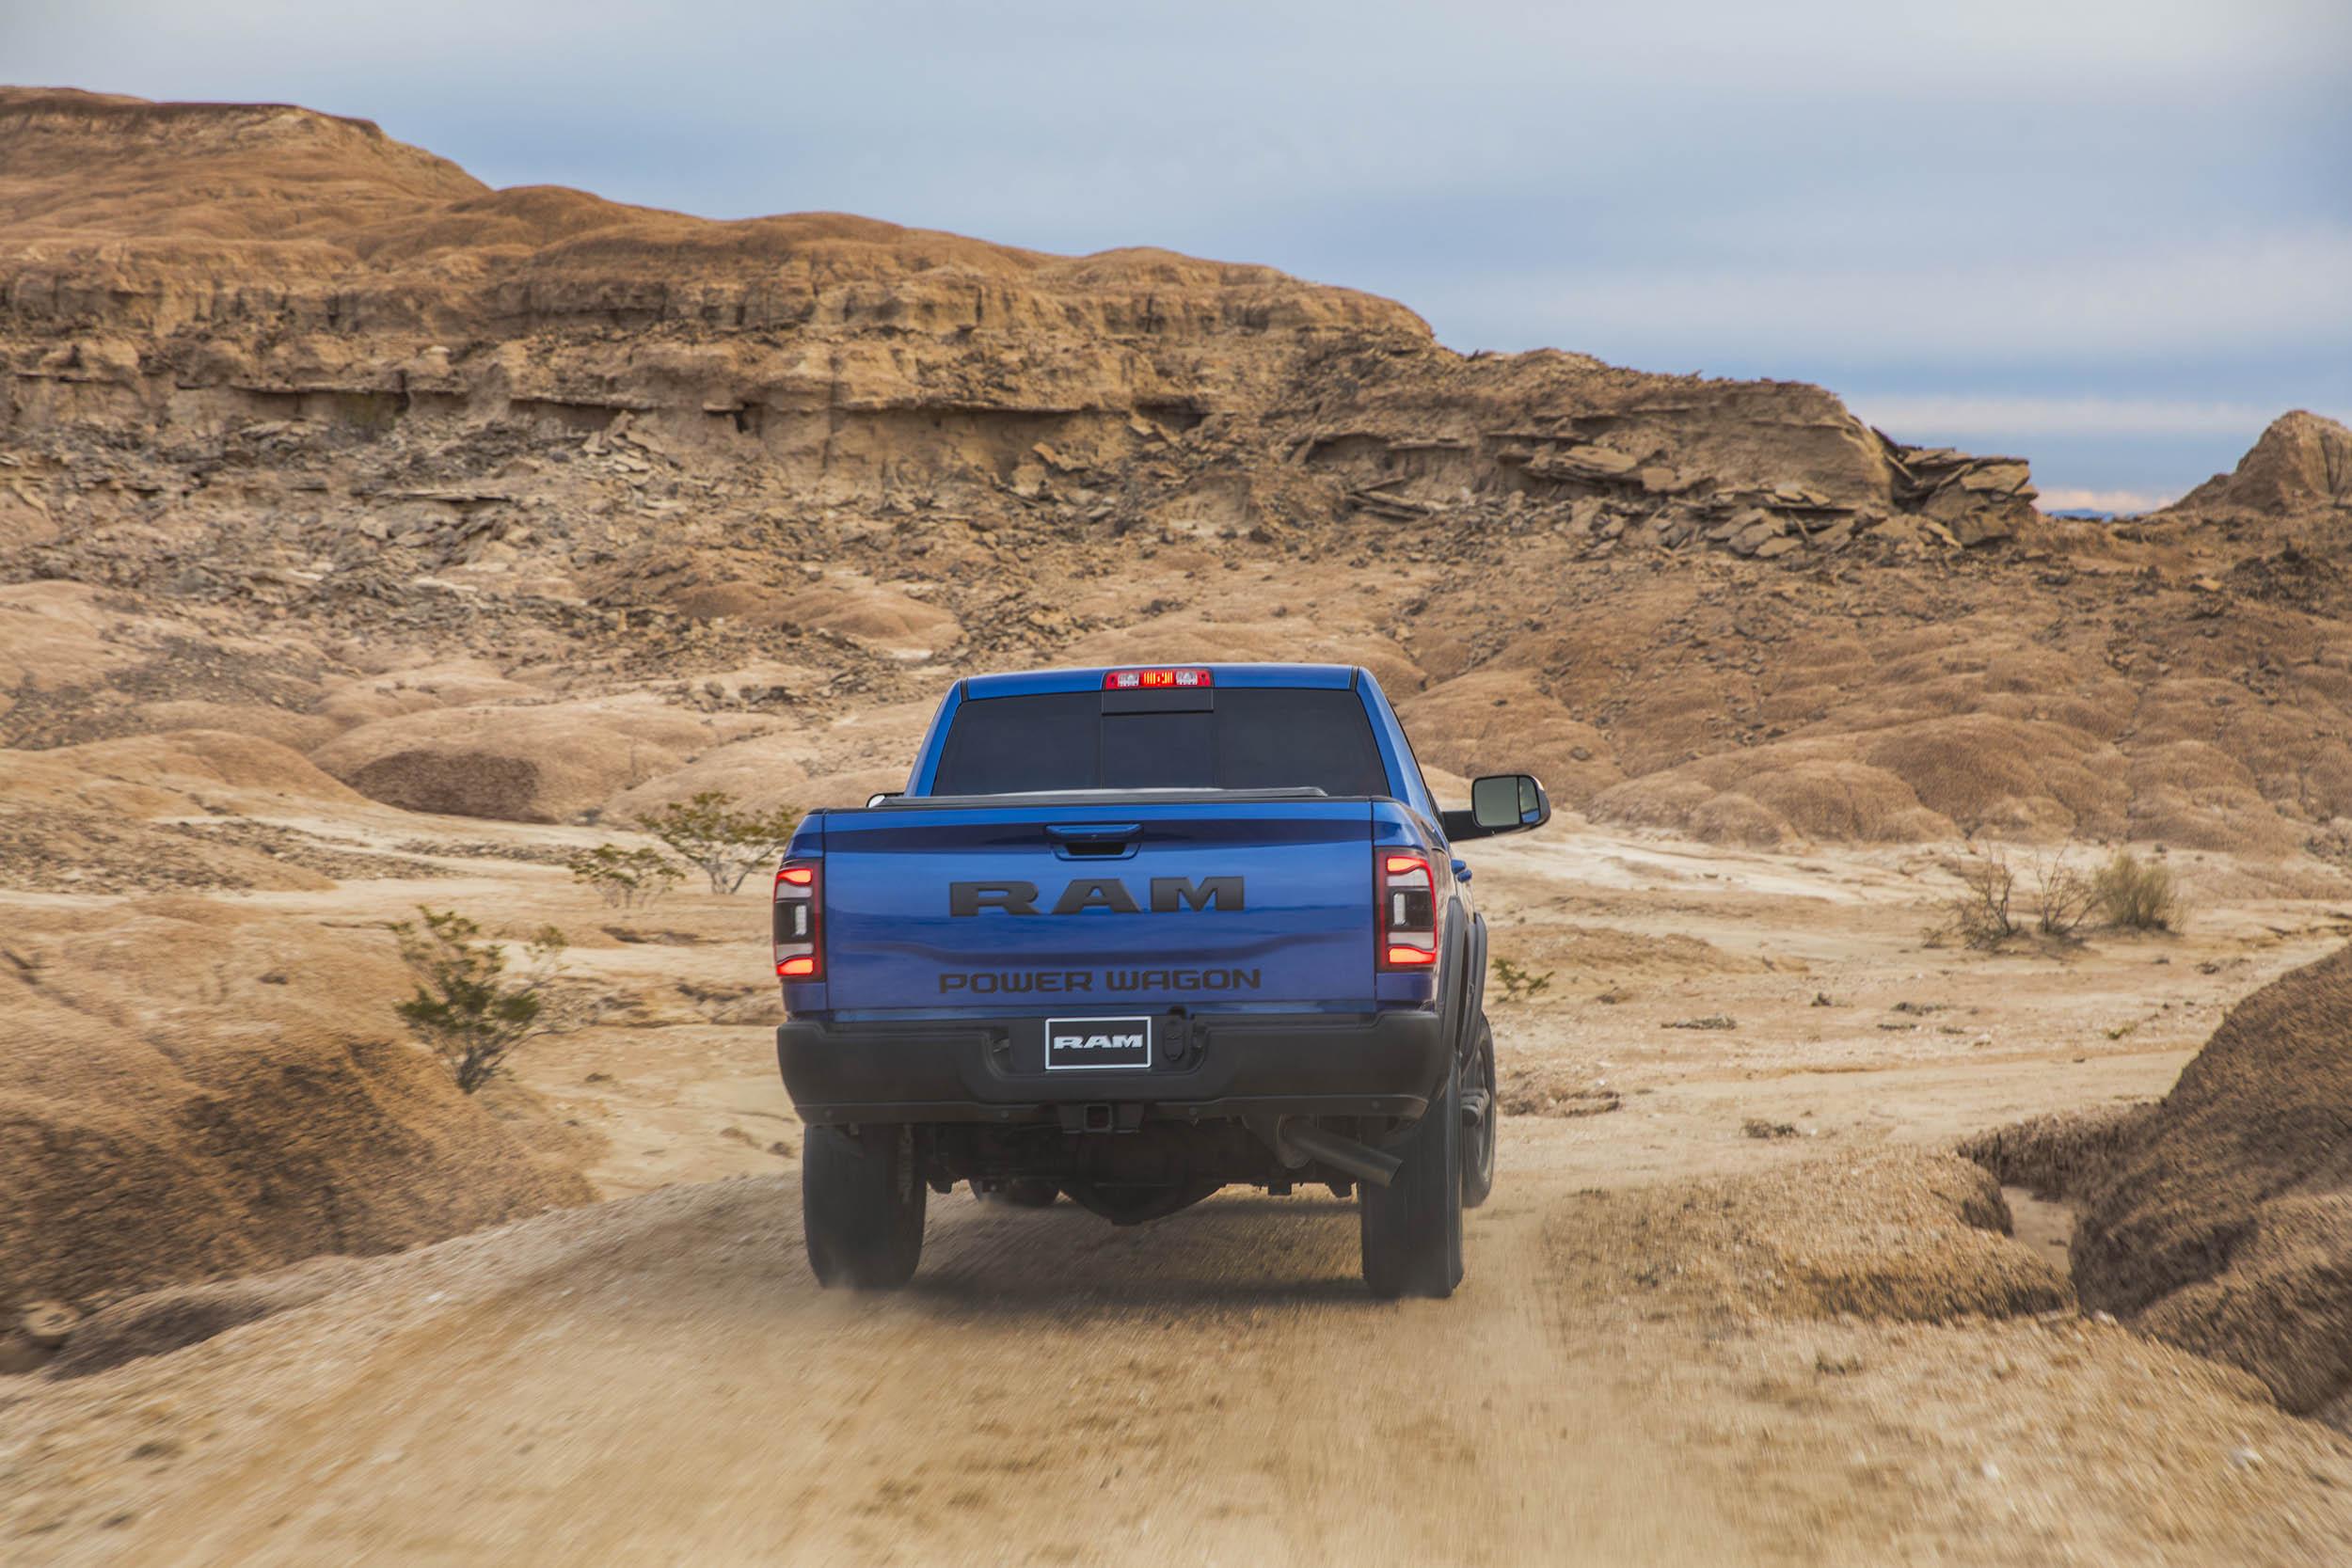 2019 RAM Power Wagon rear 3/4